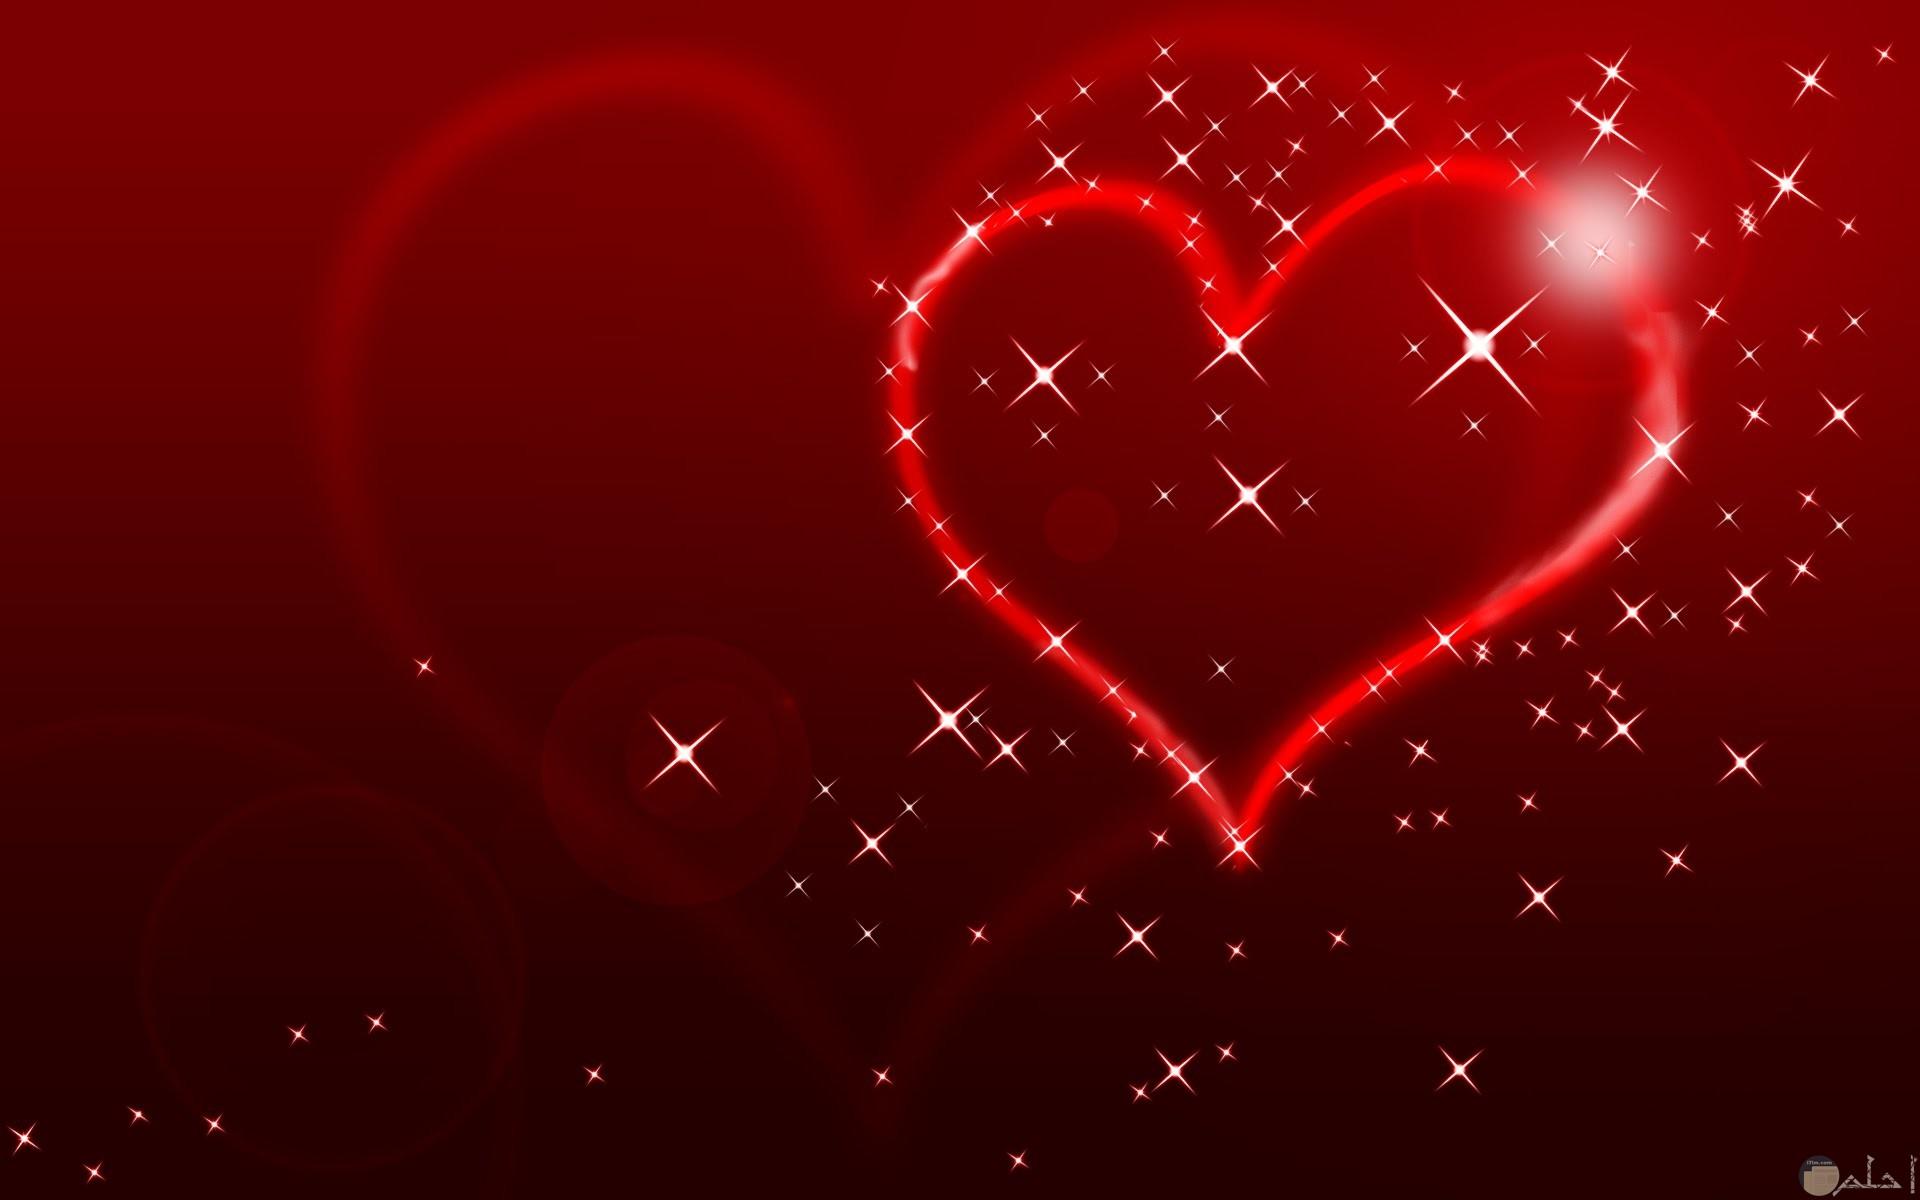 قلب احمر ونجوم صورة تعبر عن الاحتفال بالحب